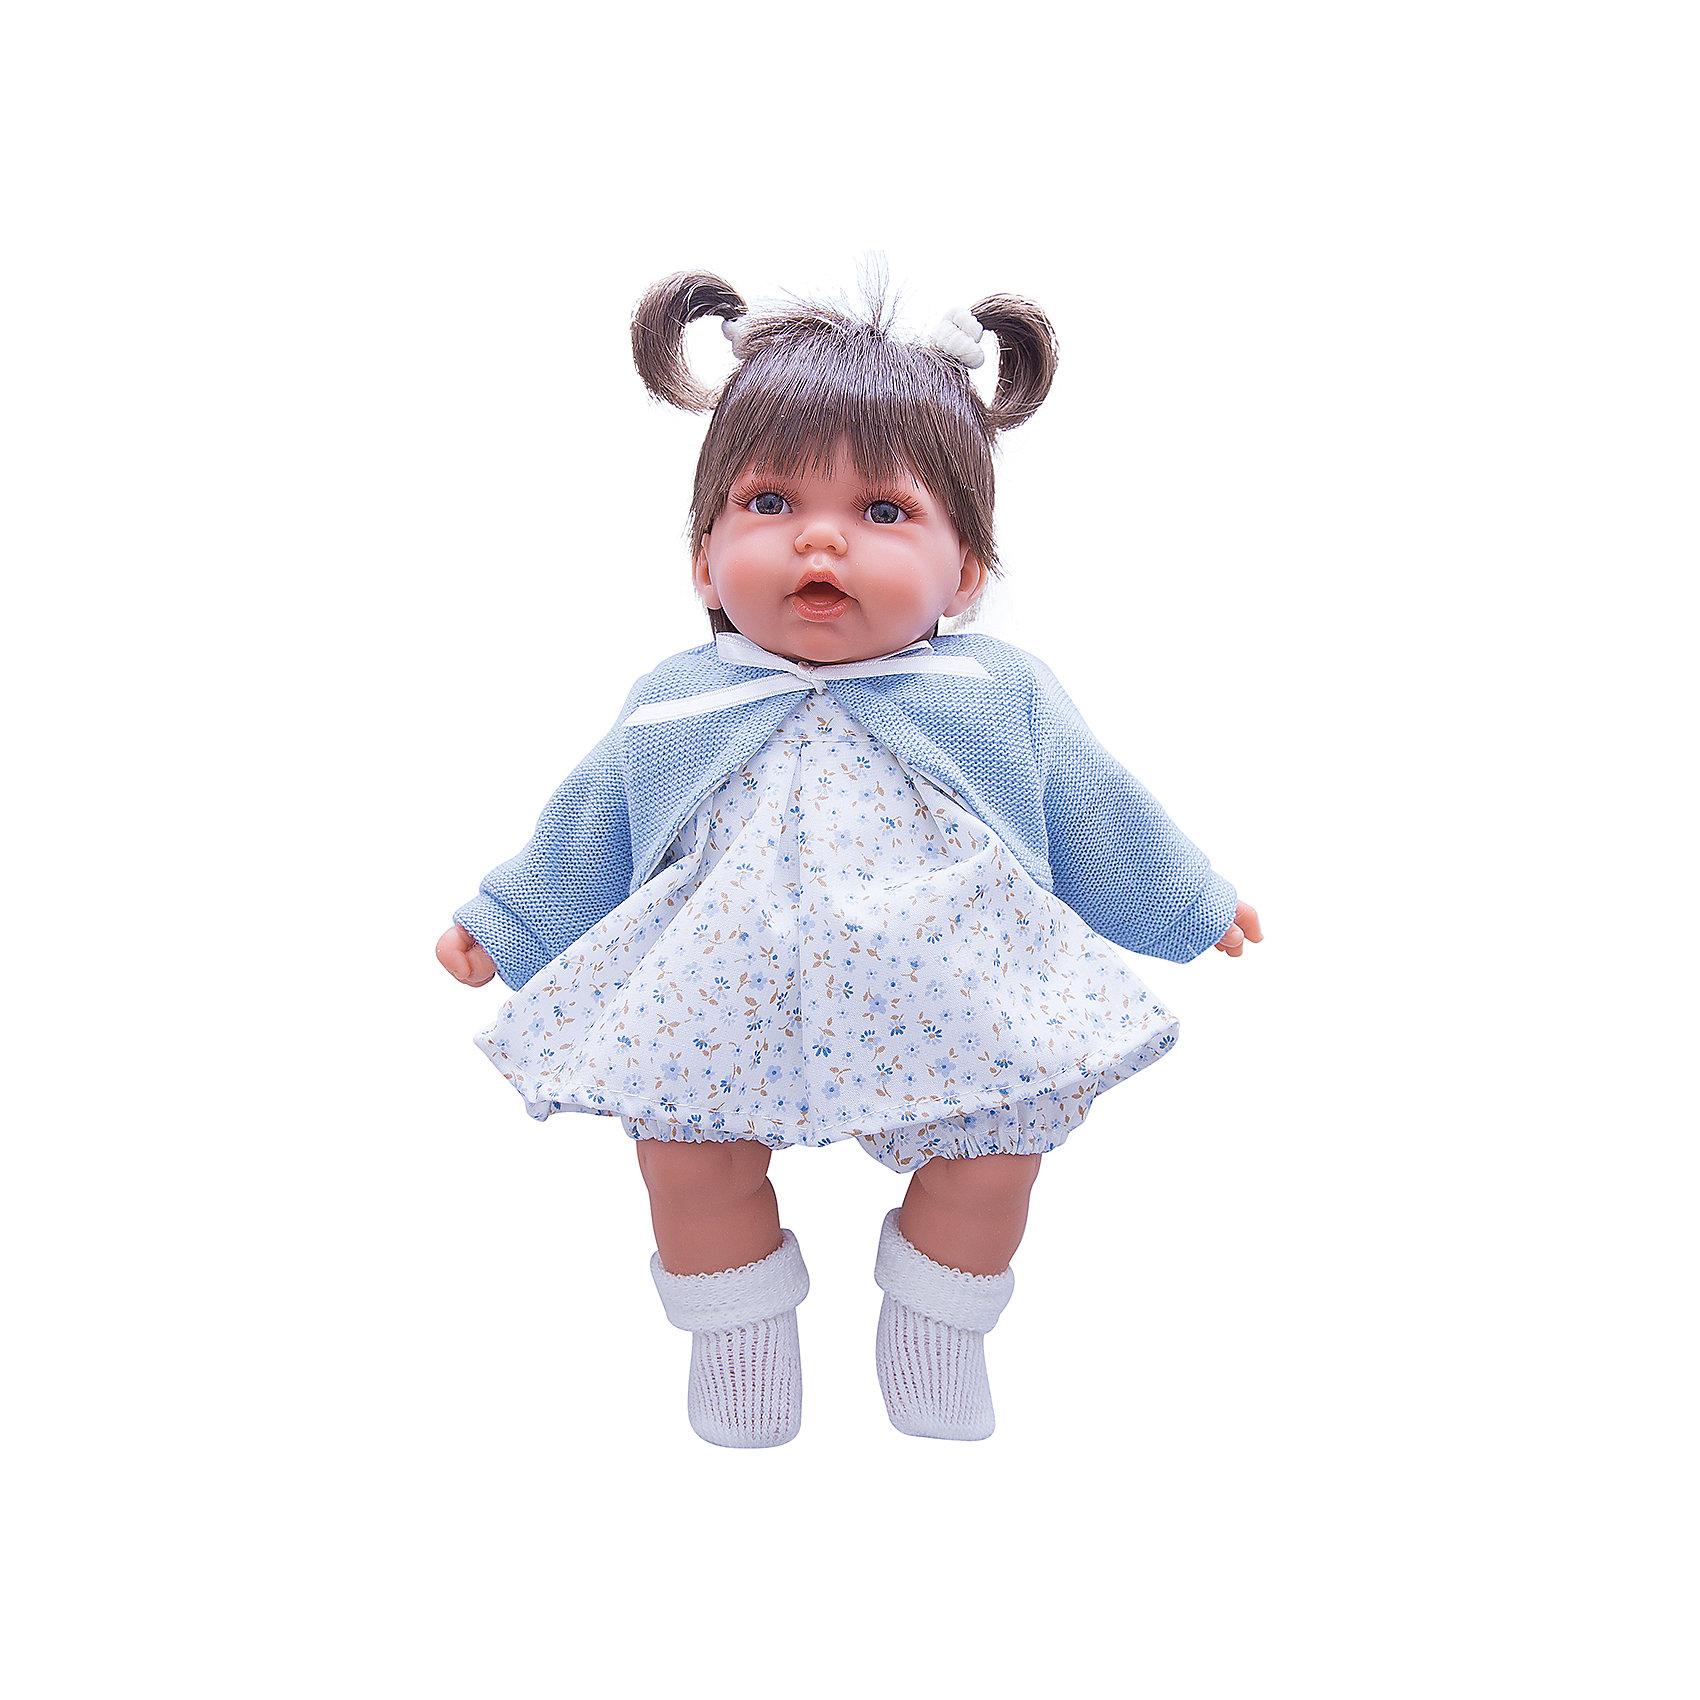 Кукла Элис в голубом, 27 см, Munecas Antonio JuanИнтерактивные куклы<br>Кукла Элис в голубом, 27 см, Munecas Antonio Juan (Мунекас Антонио Хуан) - эта очаровательная малышка покорит и детей, и родителей.<br>Кукла Элис выглядит как настоящий ребенок, а ее трогательный внешний вид вызывает только самые положительные и добрые эмоции. Эта чудесная милая малышка станет любимицей Вашей девочки и будет воспитывать в ней доброту, внимание и заботу. Личико куклы сделано с детальными прорисовками. Пухлые щечки и губки, выразительные глаза придают игрушке реалистичный вид. Ротик у куклы приоткрыт. Малышка Элис одета светлое платье в мелкий рисунок, голубую кофточку и белые носочки. Волосы завязаны в два хвостика. При нажатии на животик куклы, она весело смеется, а так же может позвать маму и папу. Тельце у куклы мягко-набивное, голова, ручки и ножки сделаны из высококачественного винила. Ручки и ножки подвижны. Кукла изготовлена из высококачественных и экологически чистых материалов, поэтому безопасна для детей любого возраста, соответствует всем нормам и требованиям к качеству детских товаров. Образы малышей Мунекас разработаны известными европейскими дизайнерами. Они натуралистичны, анатомически точны.<br><br>Дополнительная информация:<br><br>- Интерактивные функции куклы: нажмите на животик 1 раз кукла засмеется, 2ой раз - кукла скажет мама, 3ий раз - скажет папа<br>- Глаза куклы не закрываются<br>- Высоты куклы: 27 см.<br>- Работает от 3-х батареек LR44 (таблетки) (батарейки входят в комплект)<br>- Материал: винил, текстиль<br><br>Куклу Элис в голубом, 27 см, Munecas Antonio Juan (Мунекас Антонио Хуан) можно купить в нашем интернет-магазине.<br><br>Ширина мм: 315<br>Глубина мм: 180<br>Высота мм: 145<br>Вес г: 650<br>Возраст от месяцев: 36<br>Возраст до месяцев: 84<br>Пол: Женский<br>Возраст: Детский<br>SKU: 4201310